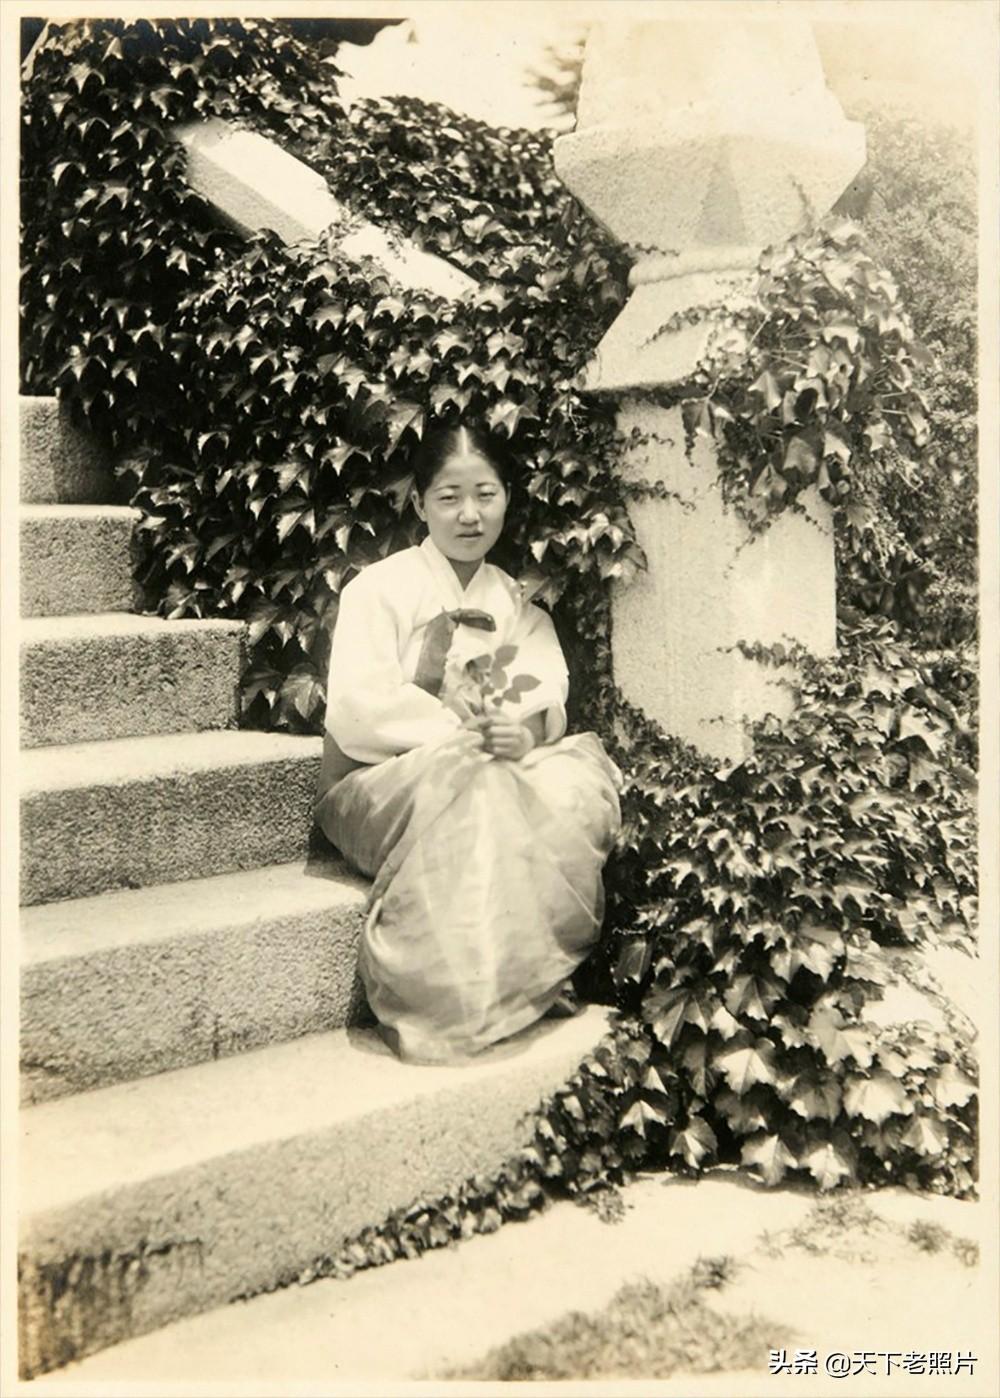 1924年的内蒙古通辽老照片 辽阔的草原美丽的女子